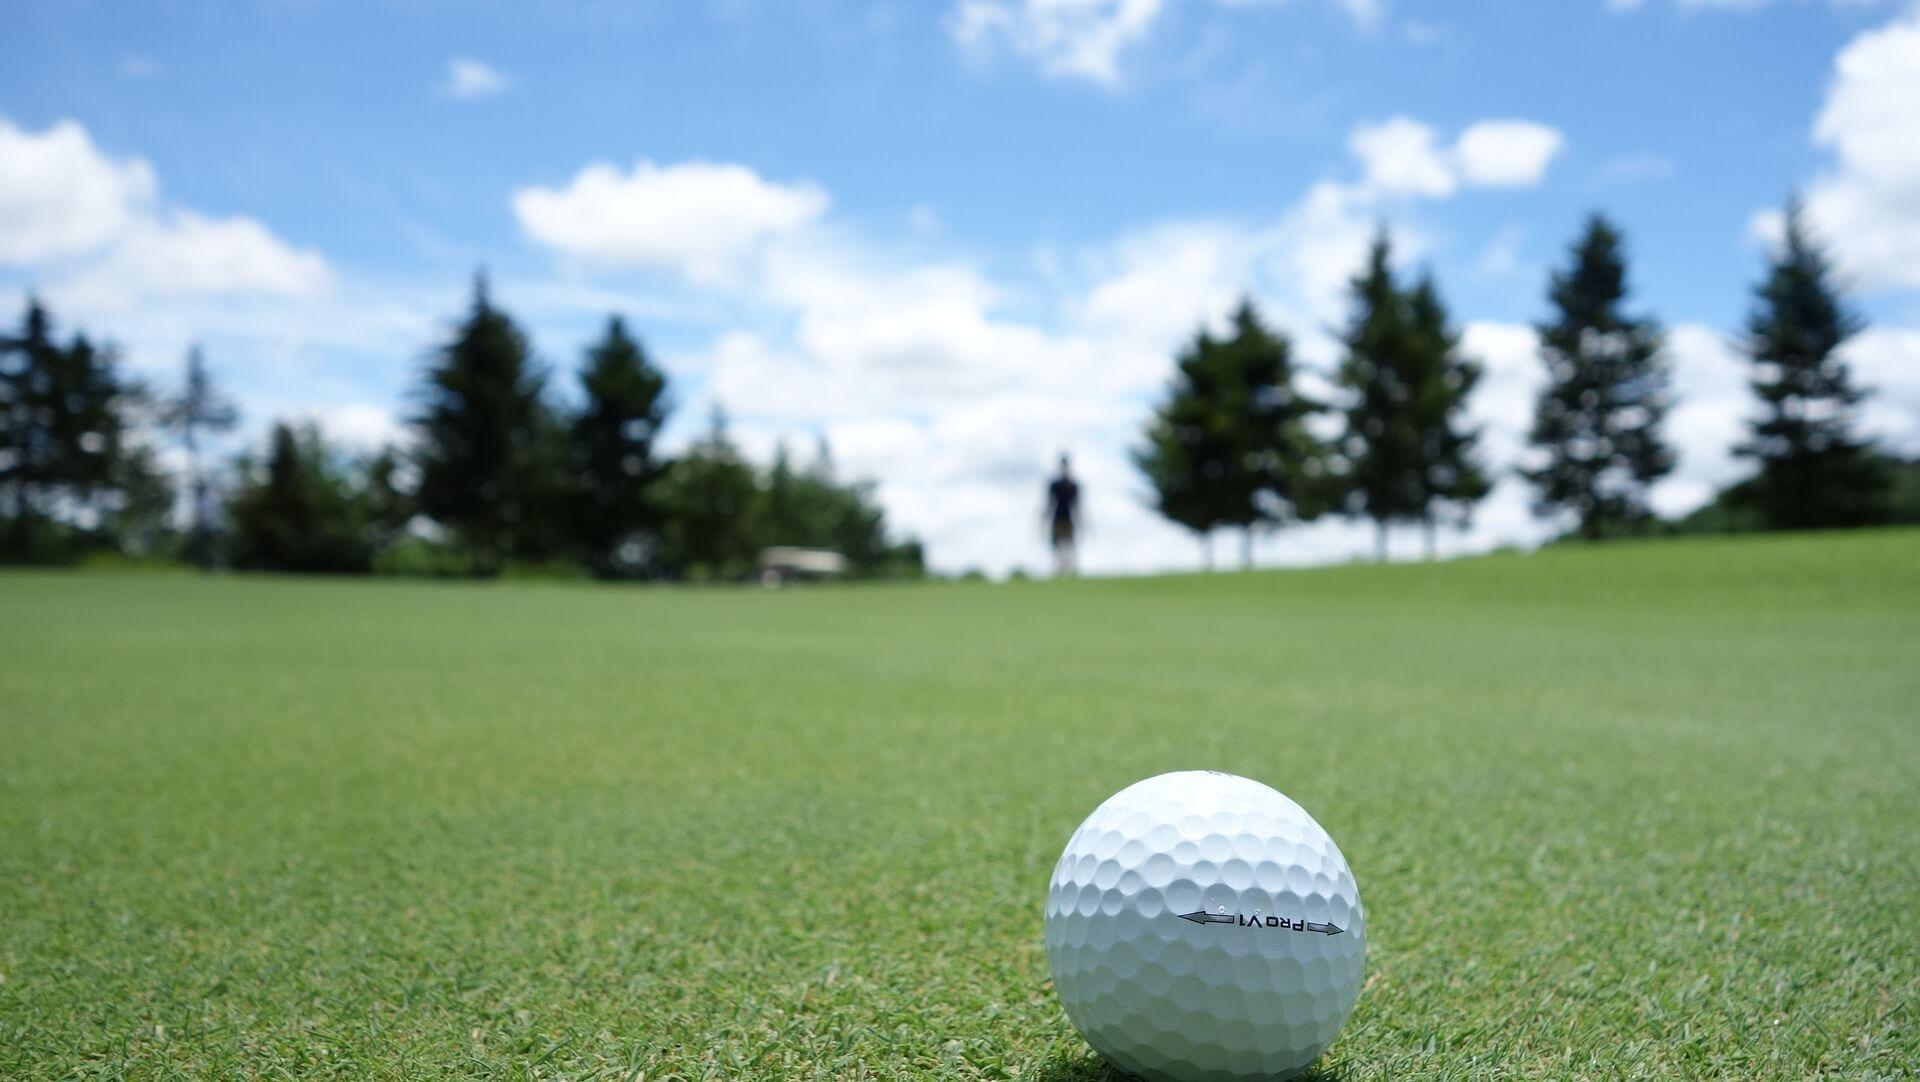 Règle du jeu de golf